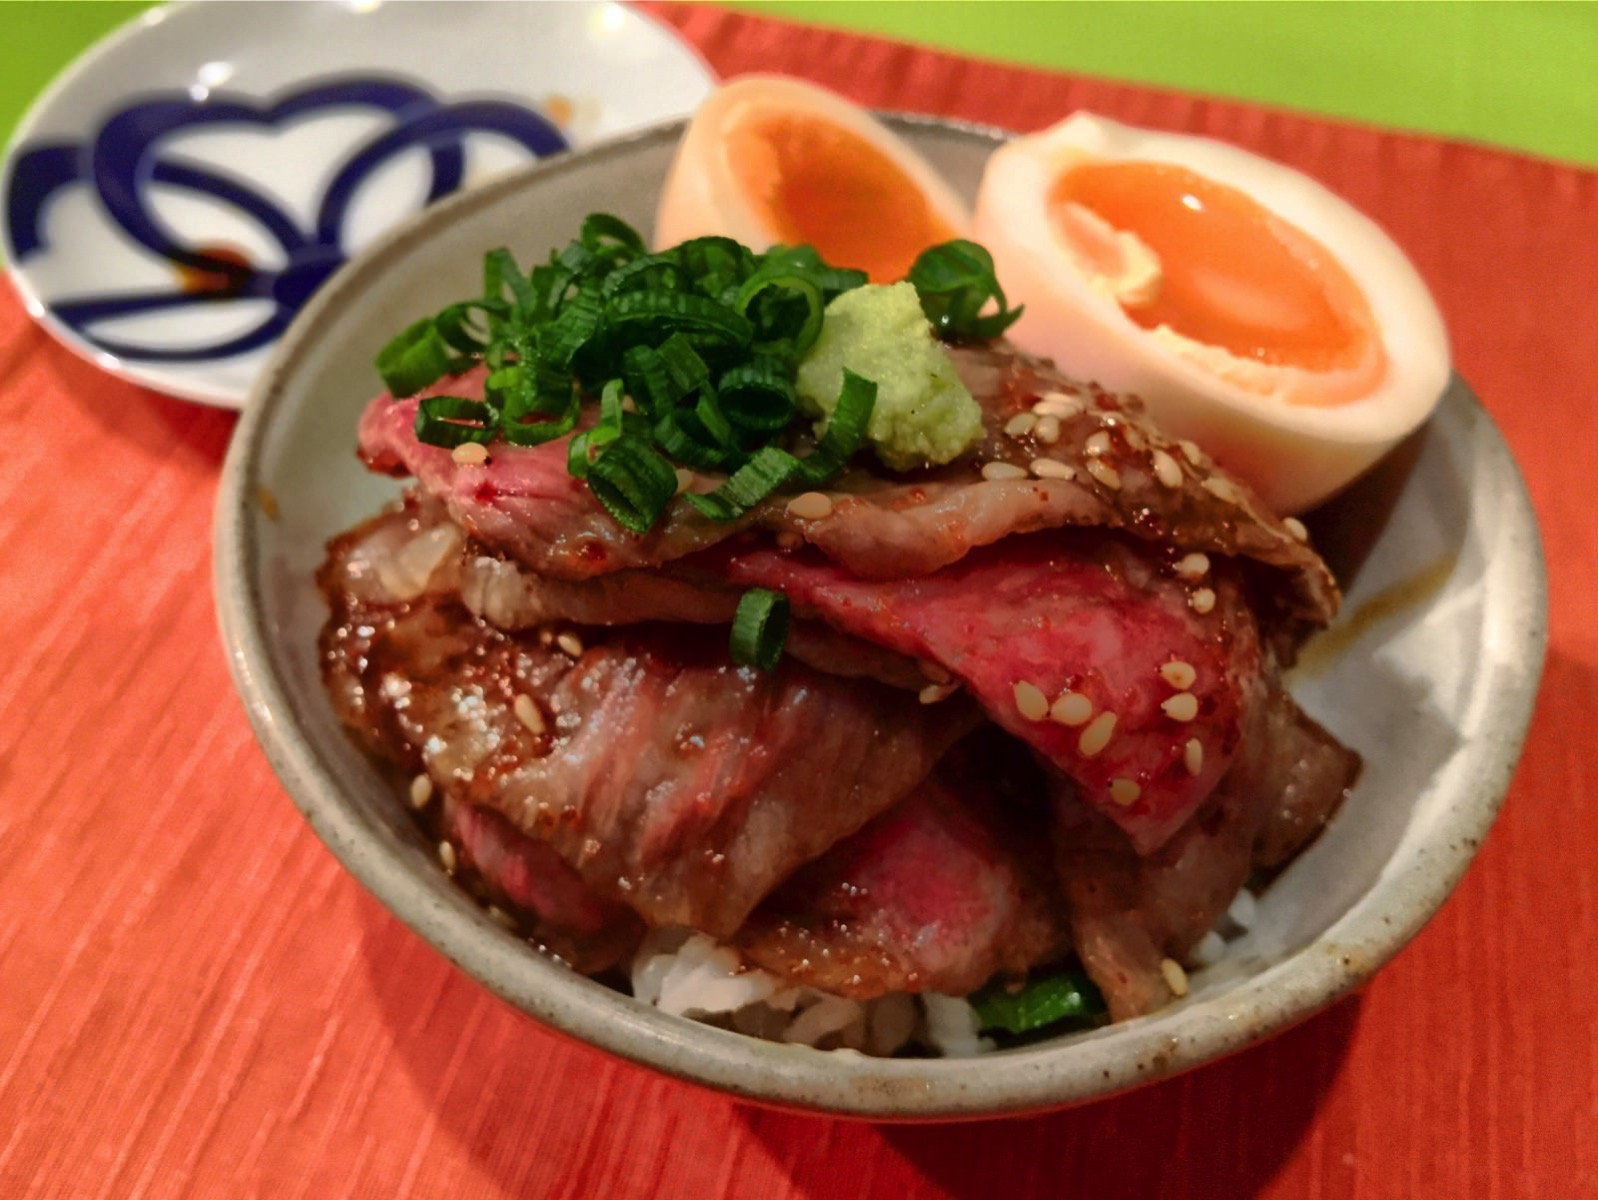 「食堂とだか(五反田)」レアで柔らかい牛ご飯とウニ・オン・ザ・煮玉子が最高にデリシャス!!